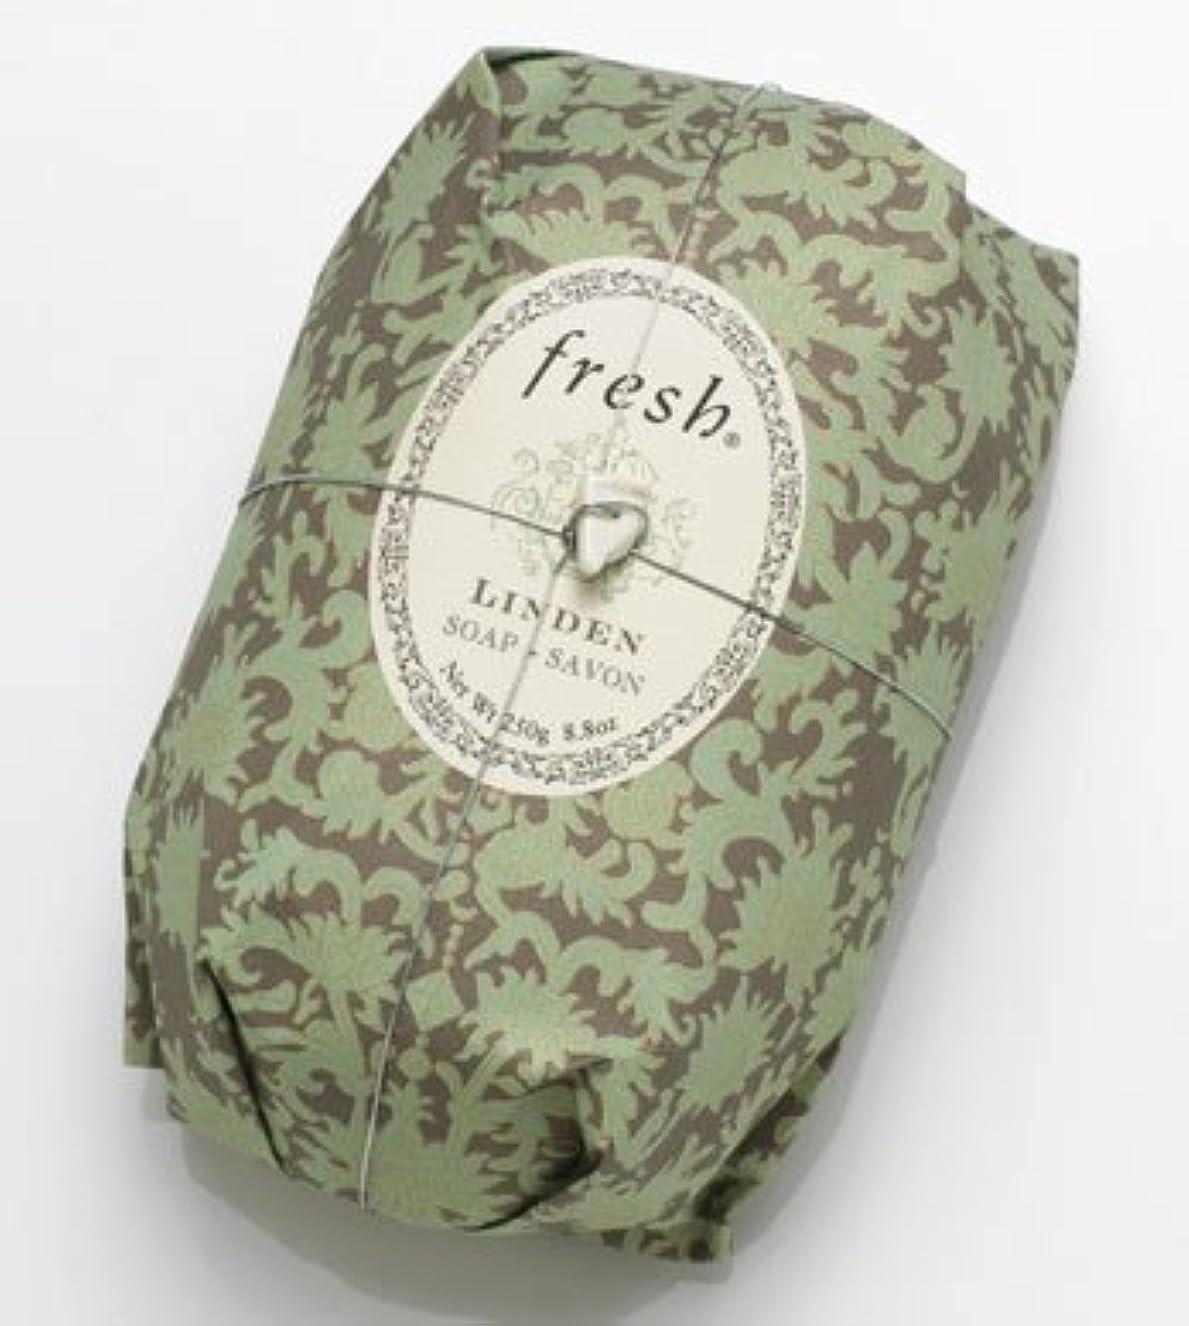 歩行者分泌する感謝しているFresh LINDEN SOAP (フレッシュ リンデン ソープ) 8.8 oz (250g) Soap (石鹸) by Fresh